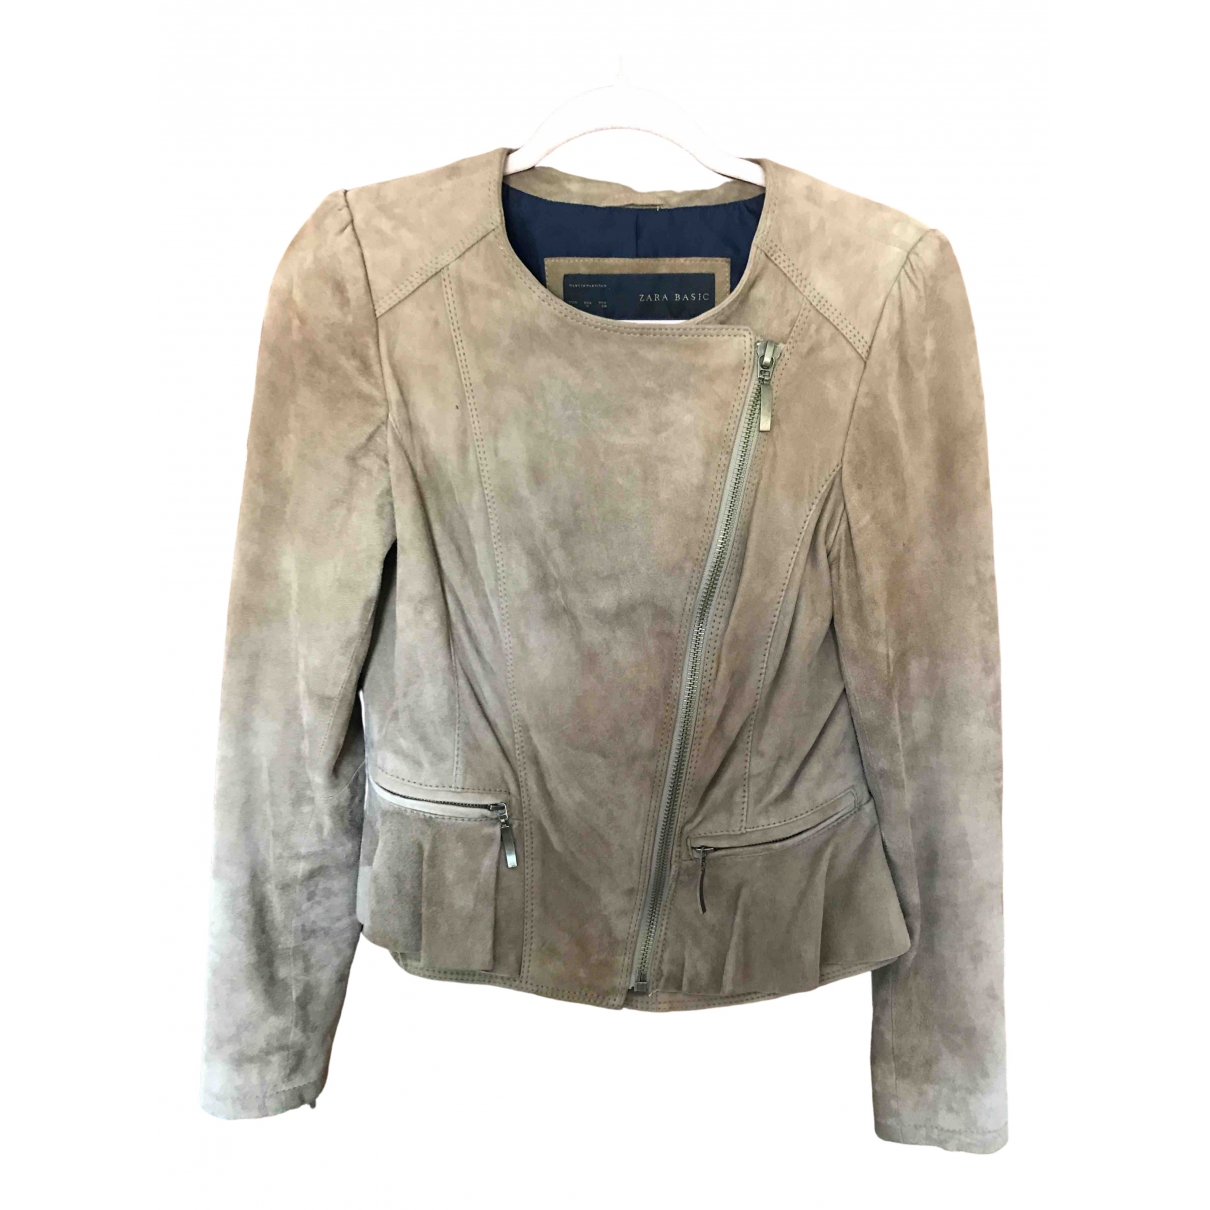 Zara \N Suede jacket for Women 12 UK